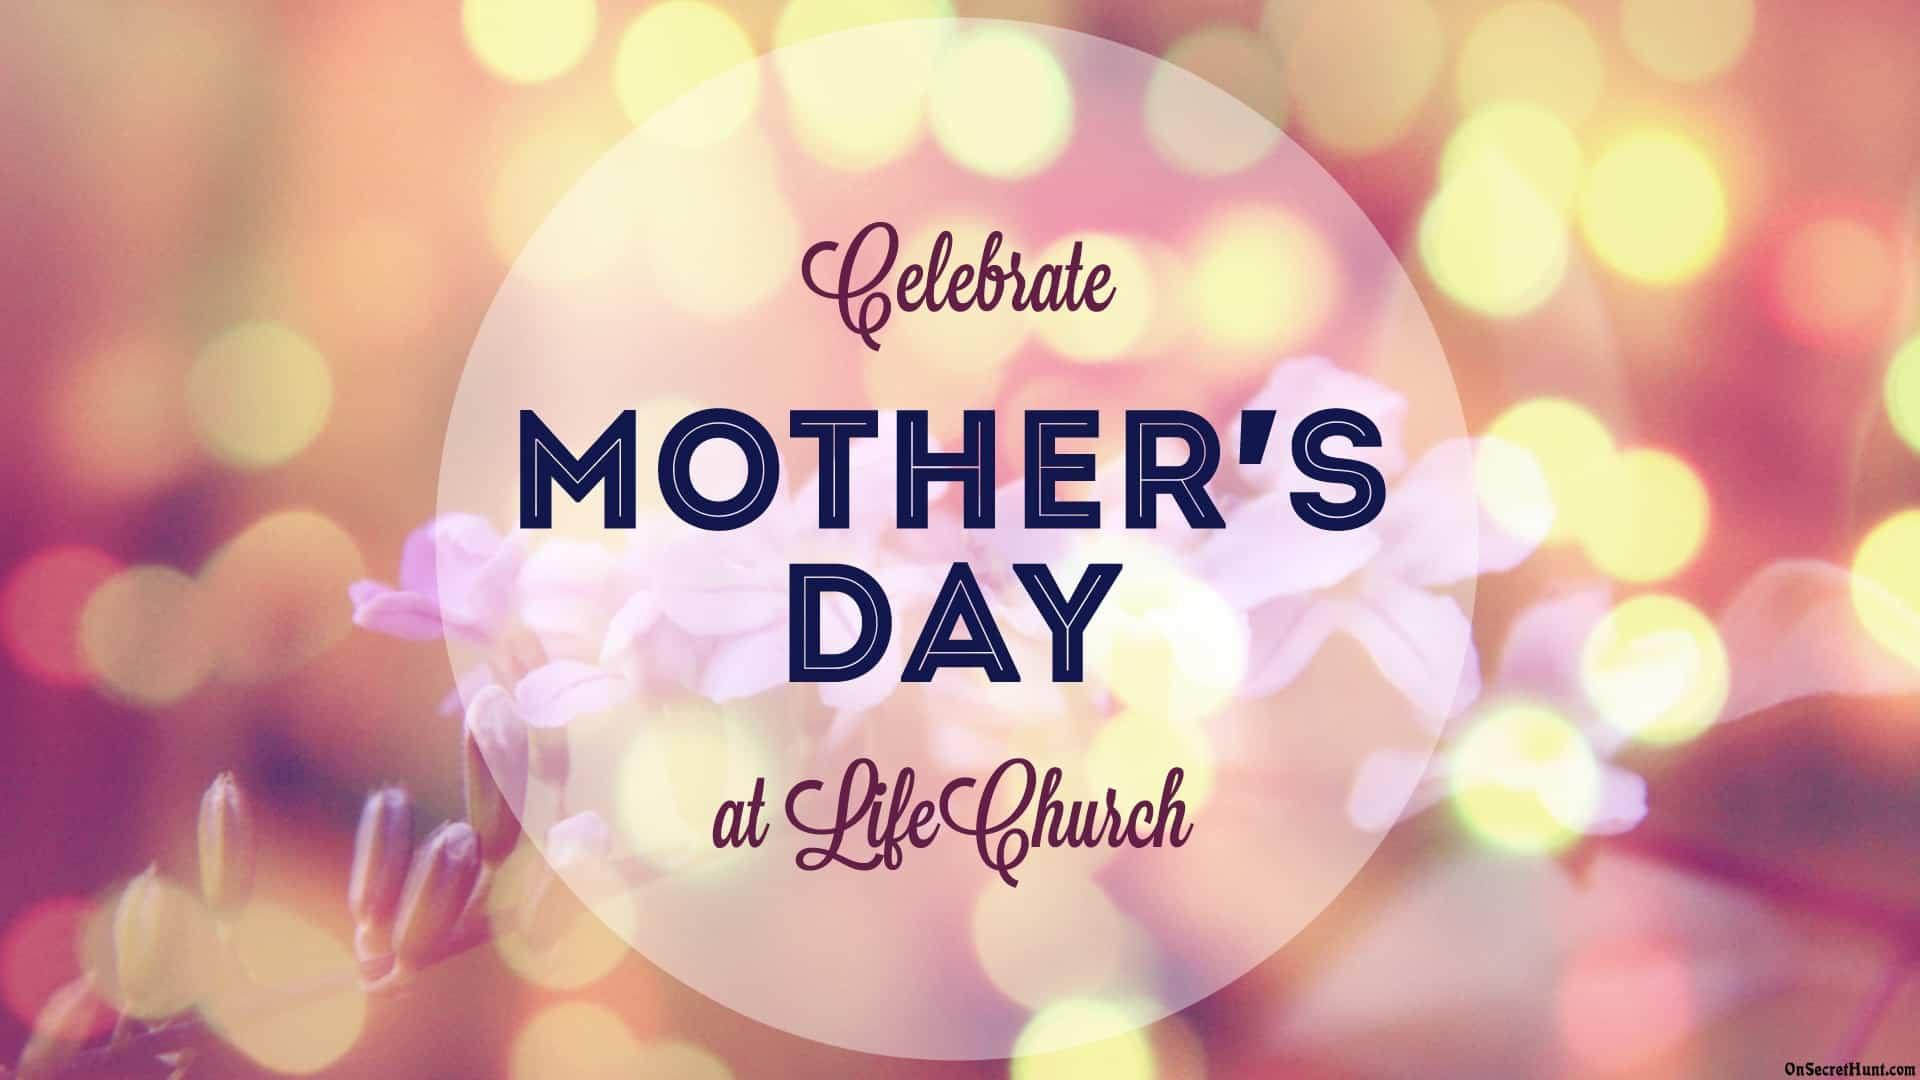 صور وكروت وبطاقات معايدة لعيد الأم - Happy Mother's Day 2020 7